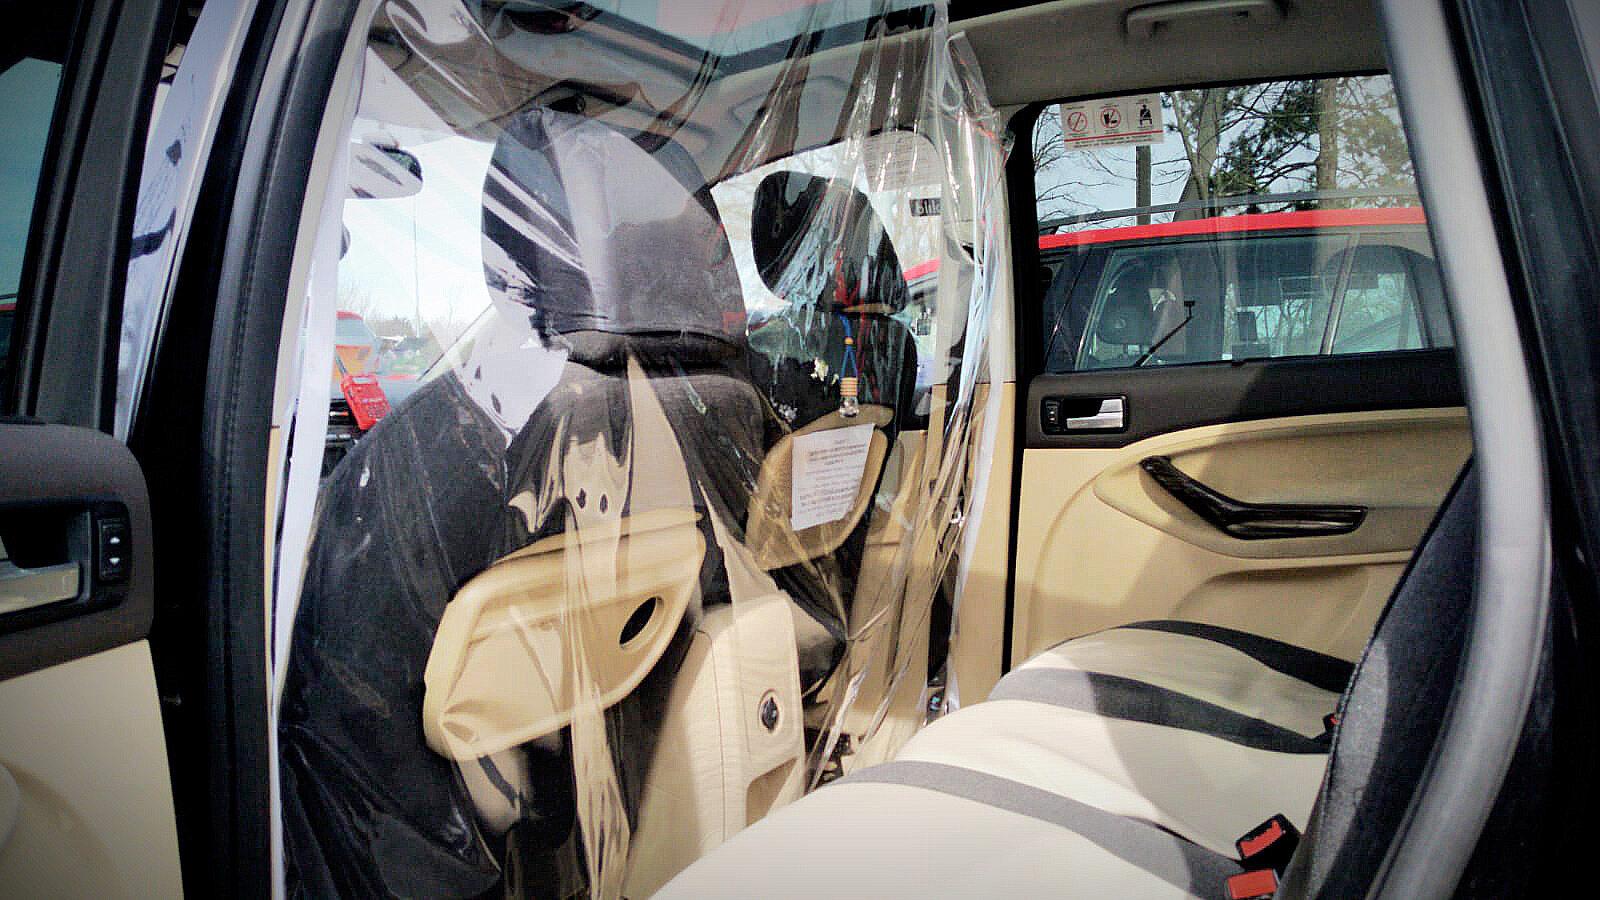 Samochód iTaxi do przewozu osób z podejrzeniem COVID-19